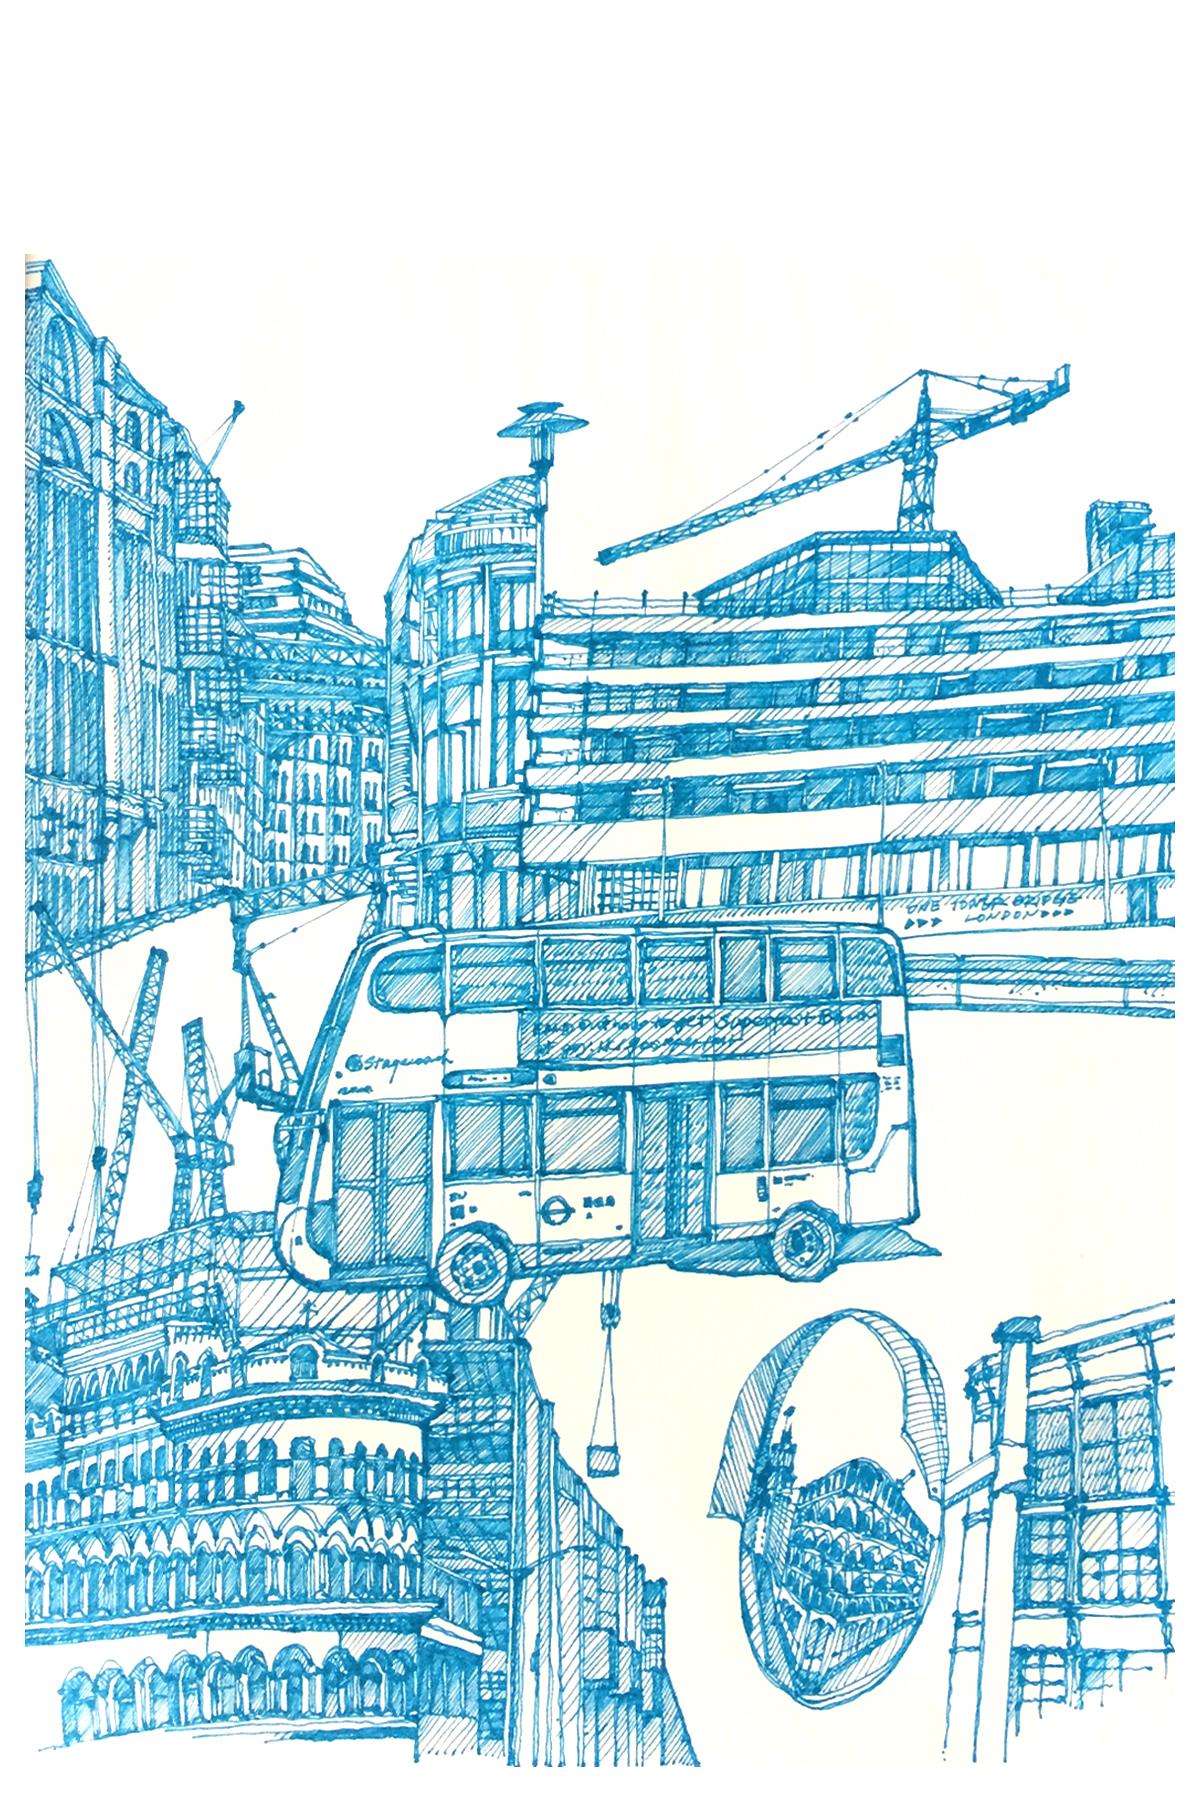 2.伦敦印象_London Image